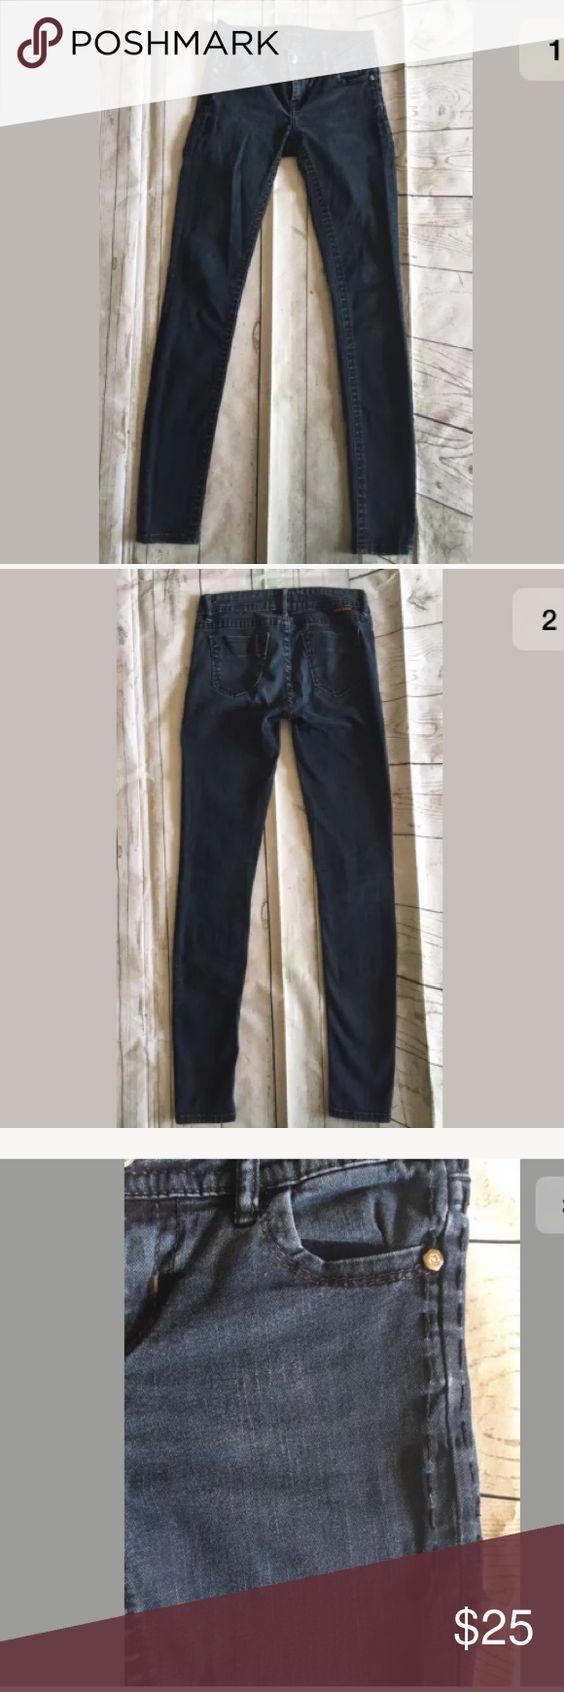 Sale🎉MEK DNM Nanjing legging Skinny Jeans 25x32 MEK DNM Women's Nanjing legging Dark Wash Skinny Jeans Sz 25x32 MEK Jeans Skinny